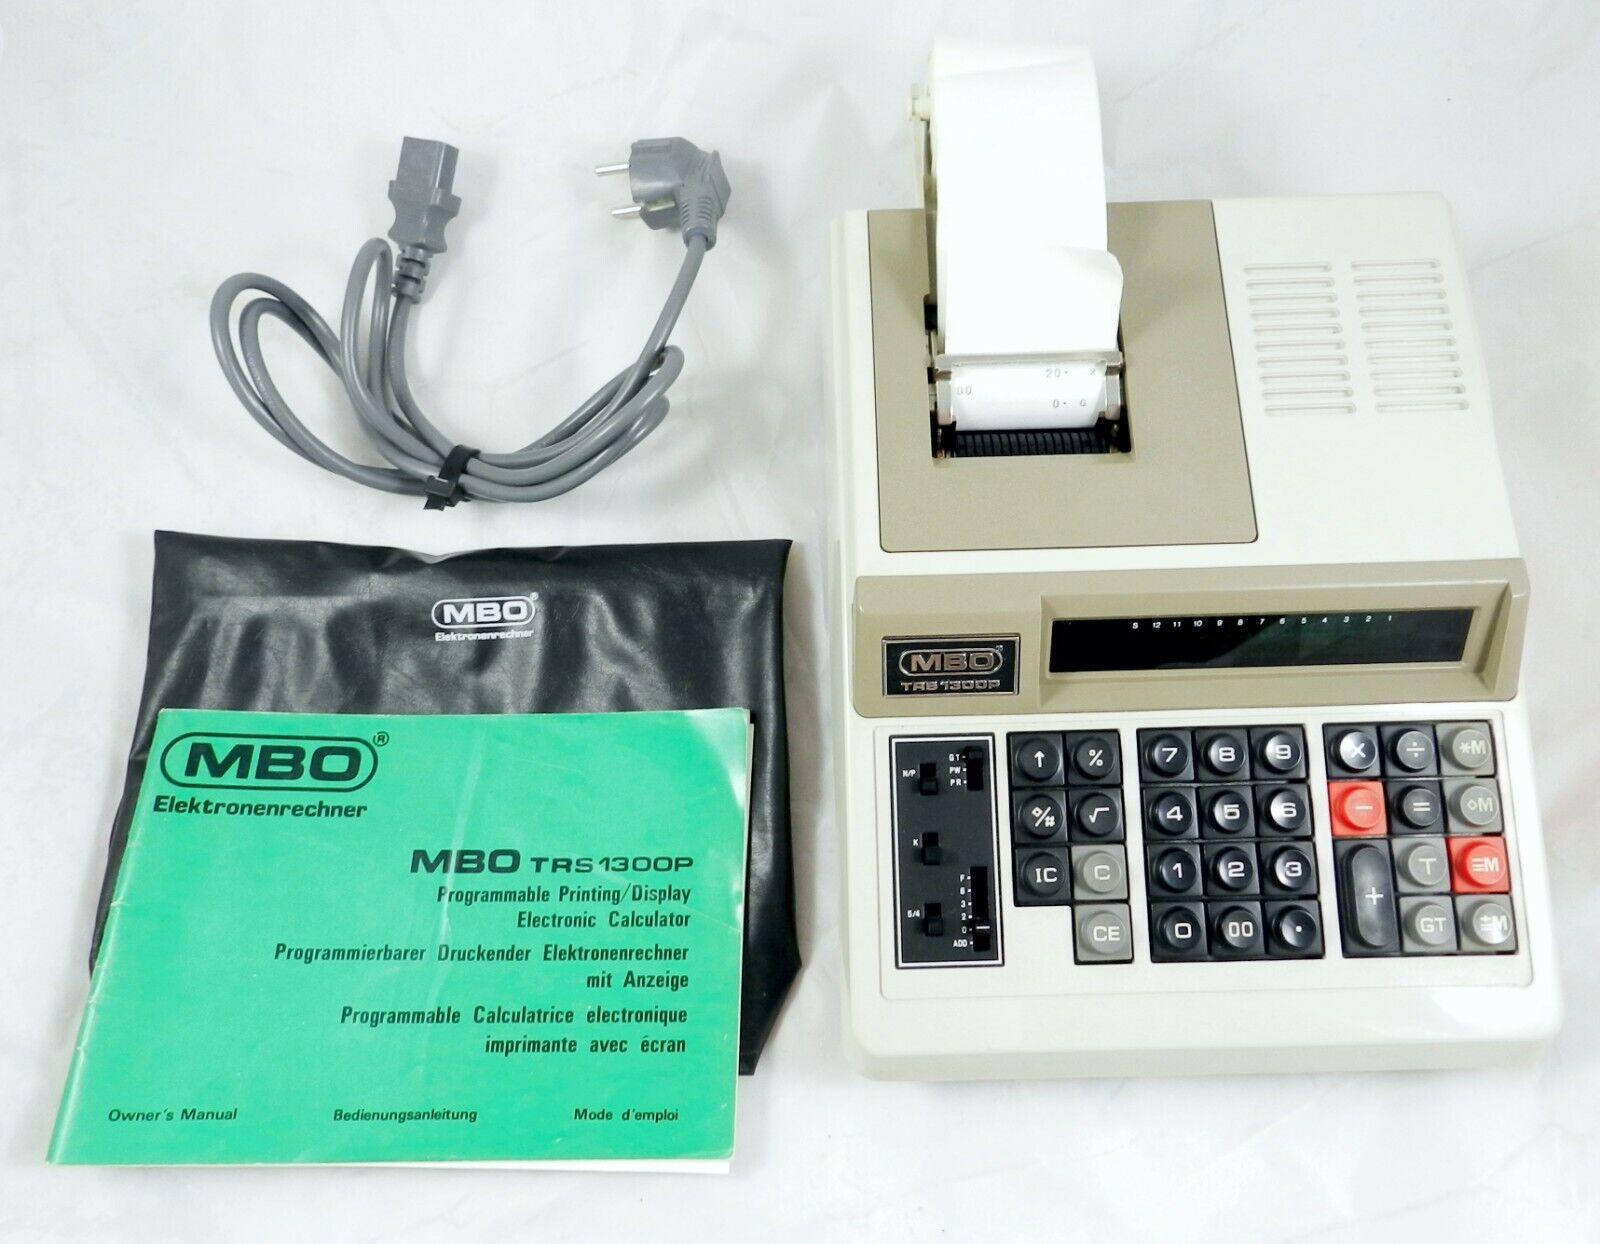 MBO Tischrechner TRS 1300P programmierbarer druckender Elektronenrechner